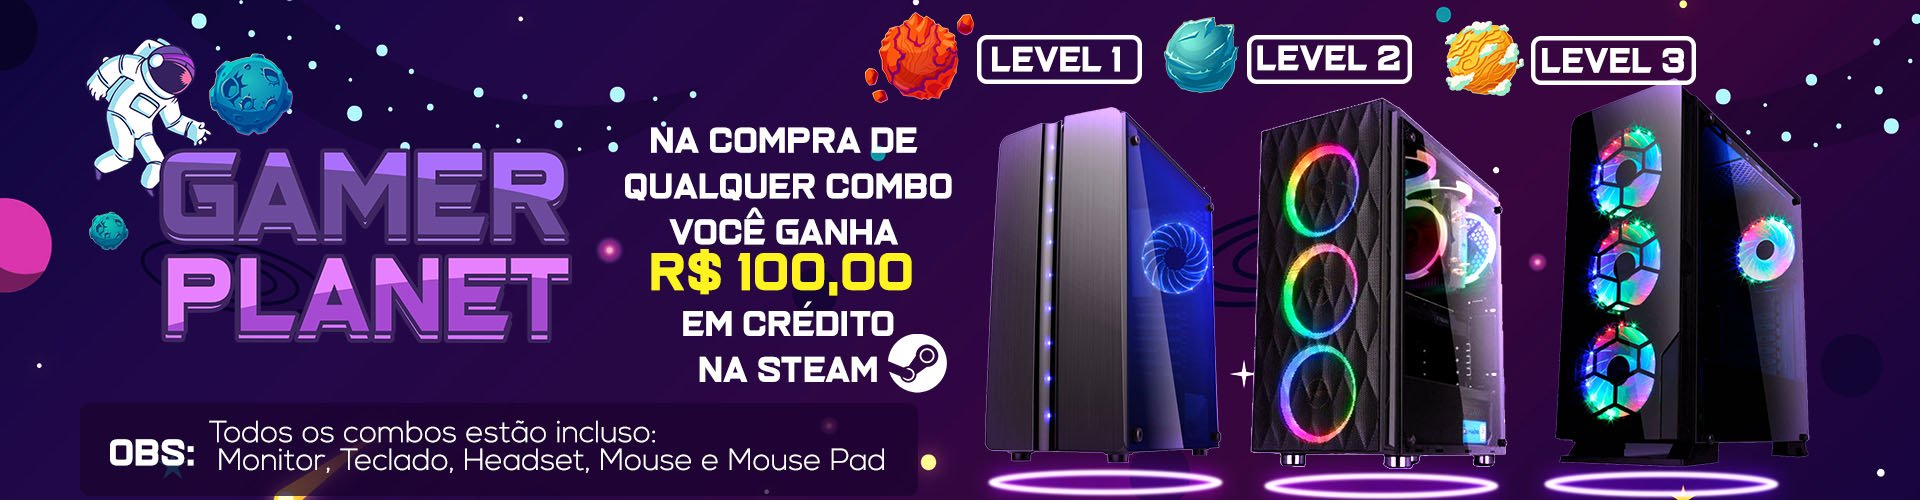 Gamer Planet Full